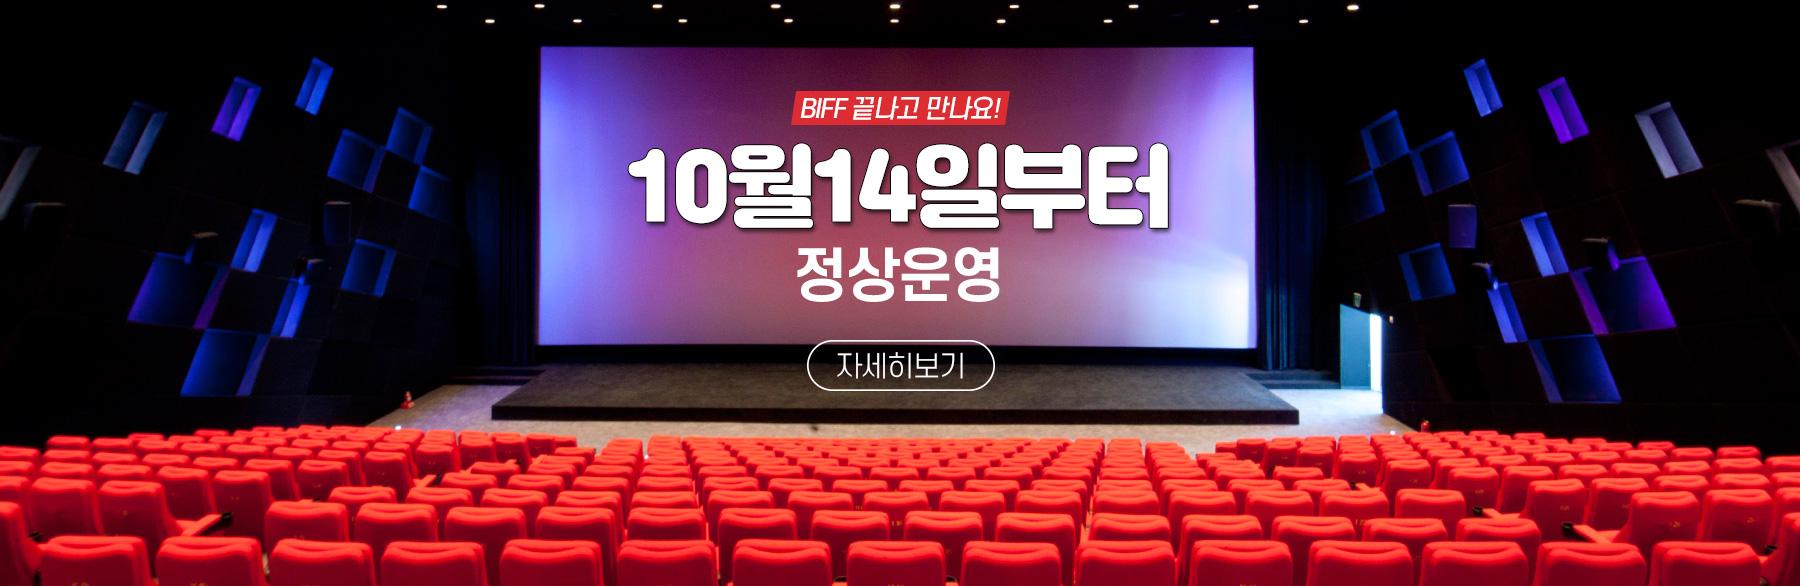 BIFF 끝난 뒤 10월 14일부터 정상운영 안내 페이지 이동